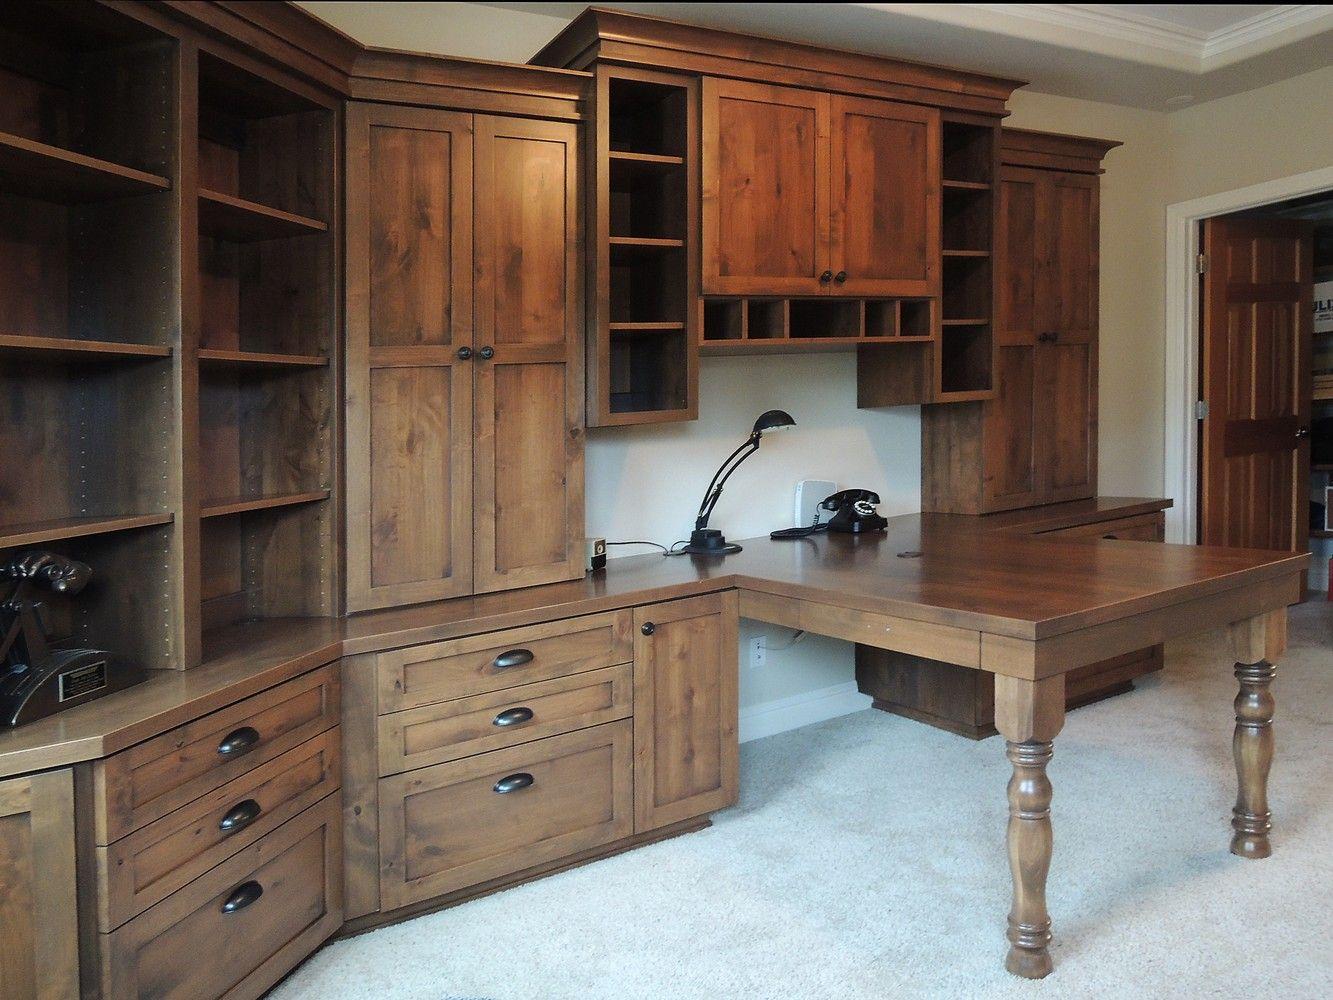 32 Phänomenale Holz Verzierungen Für Schränke